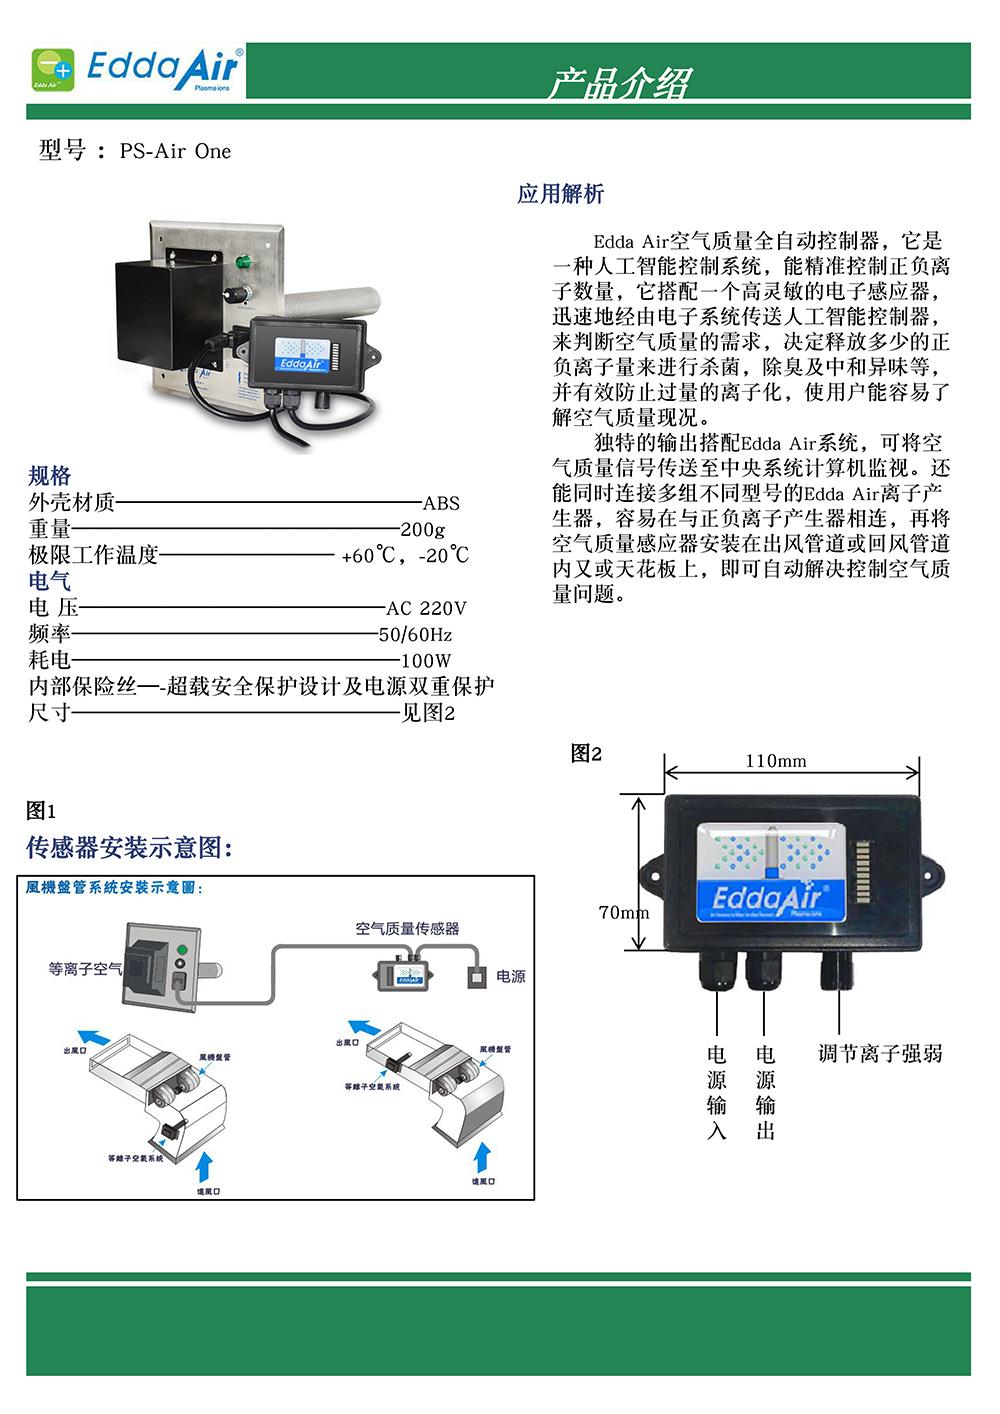 等离子空气品质传感器  品     牌:Edda Air  PS-Air One     70*110*40mm  电     压:AC   220V  功     率:20W   Edda Air空气质量全自动控制器(PS系列),它是一种人工智能控制系统,能精准控制正负离子数量,它搭配一个高灵敏的电子感应器,迅速地经由电子系统传送人工智能控制器,来判断空气质量的需求,决定释放多少的正负离子量来进行杀菌,除臭及中和异味等,并有效防止过量的离子化,使用户能容易了解空气品质现况。         独特的(PS)系列输出搭配EDDAAIR系统,可将空气品质信号传送至中央系统电脑监视。还能同时连接多组不同型号的Edda Air离子产生器,容易在与正负离子产生器相连,再将空气品质感应器安装在出风管道或回风管道内又或天花板上,即可自动解决控制空气品质问题。